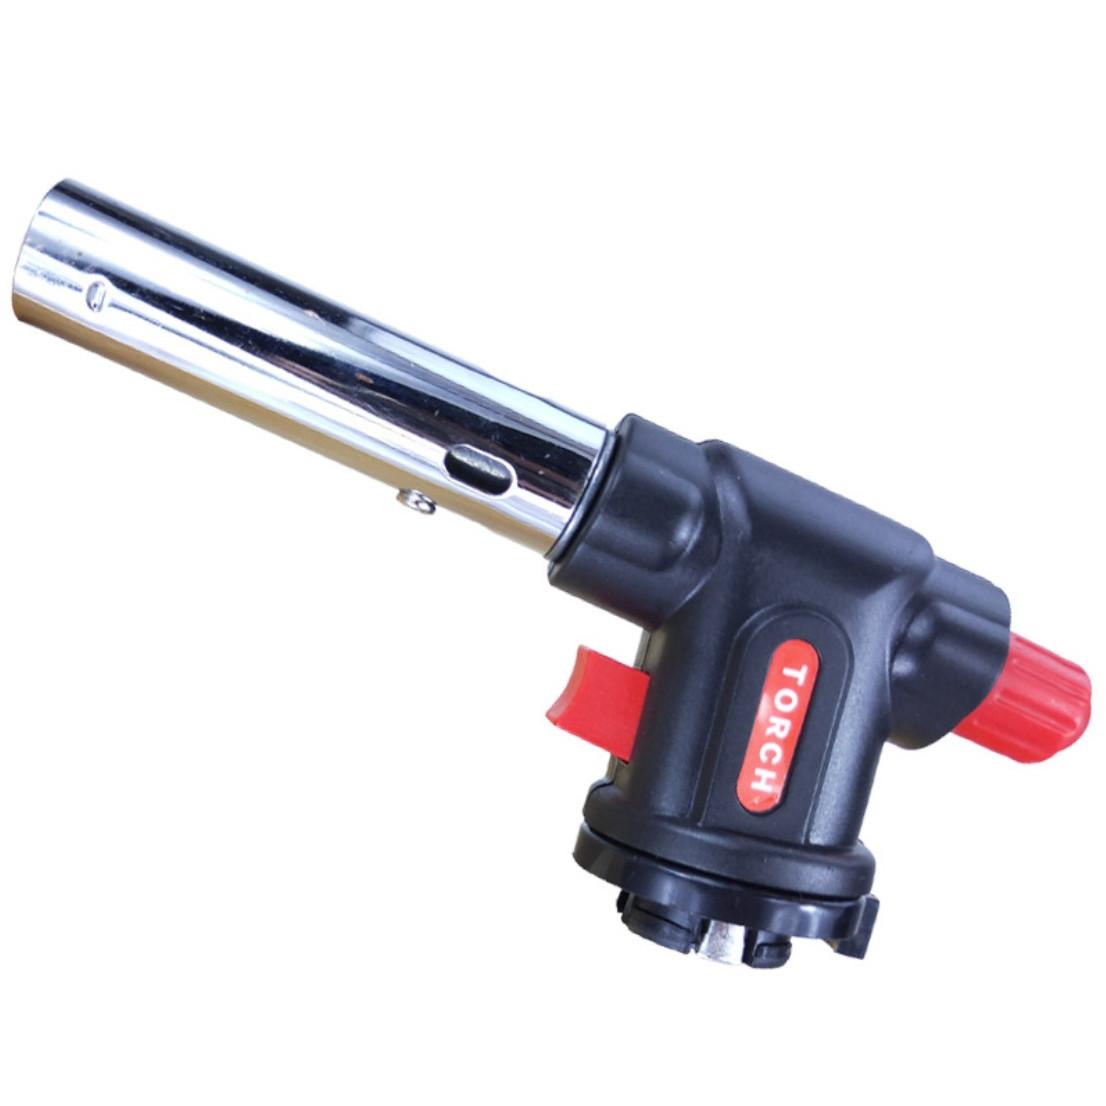 Khò gas mini - Đầu khò cầm tay dùng cho bếp ga